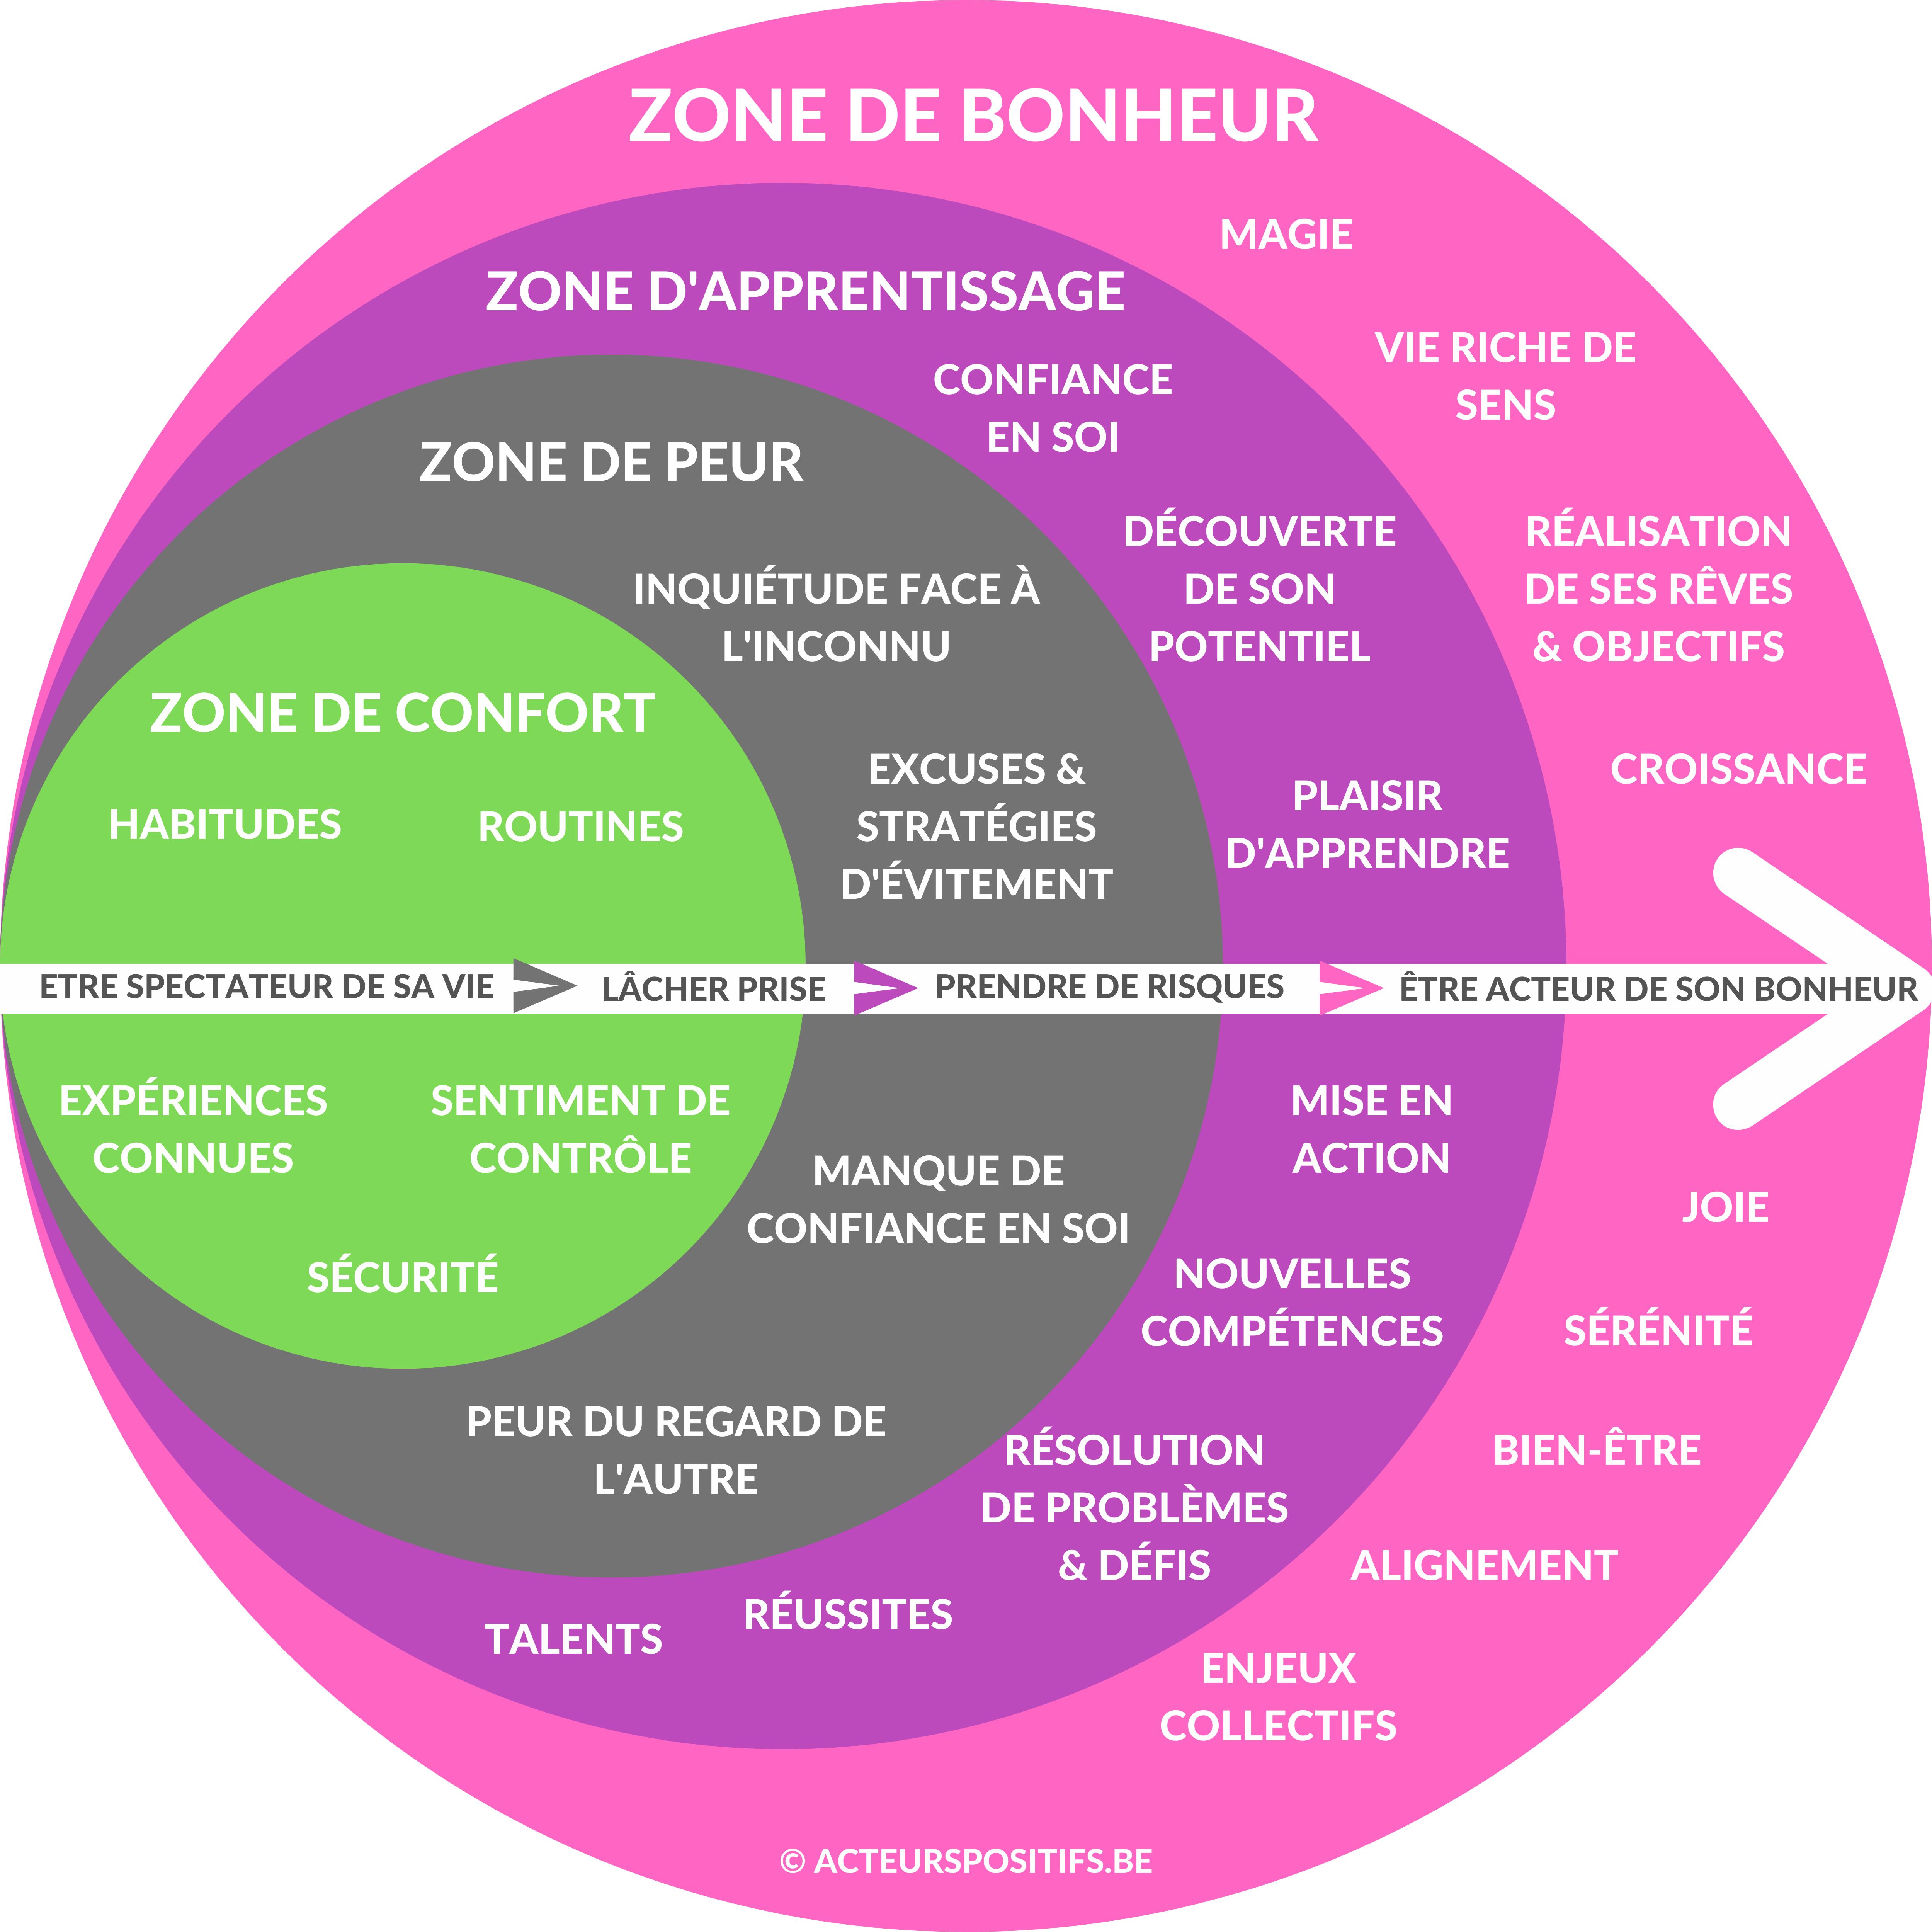 De la zone de confort à la zone de bonheur